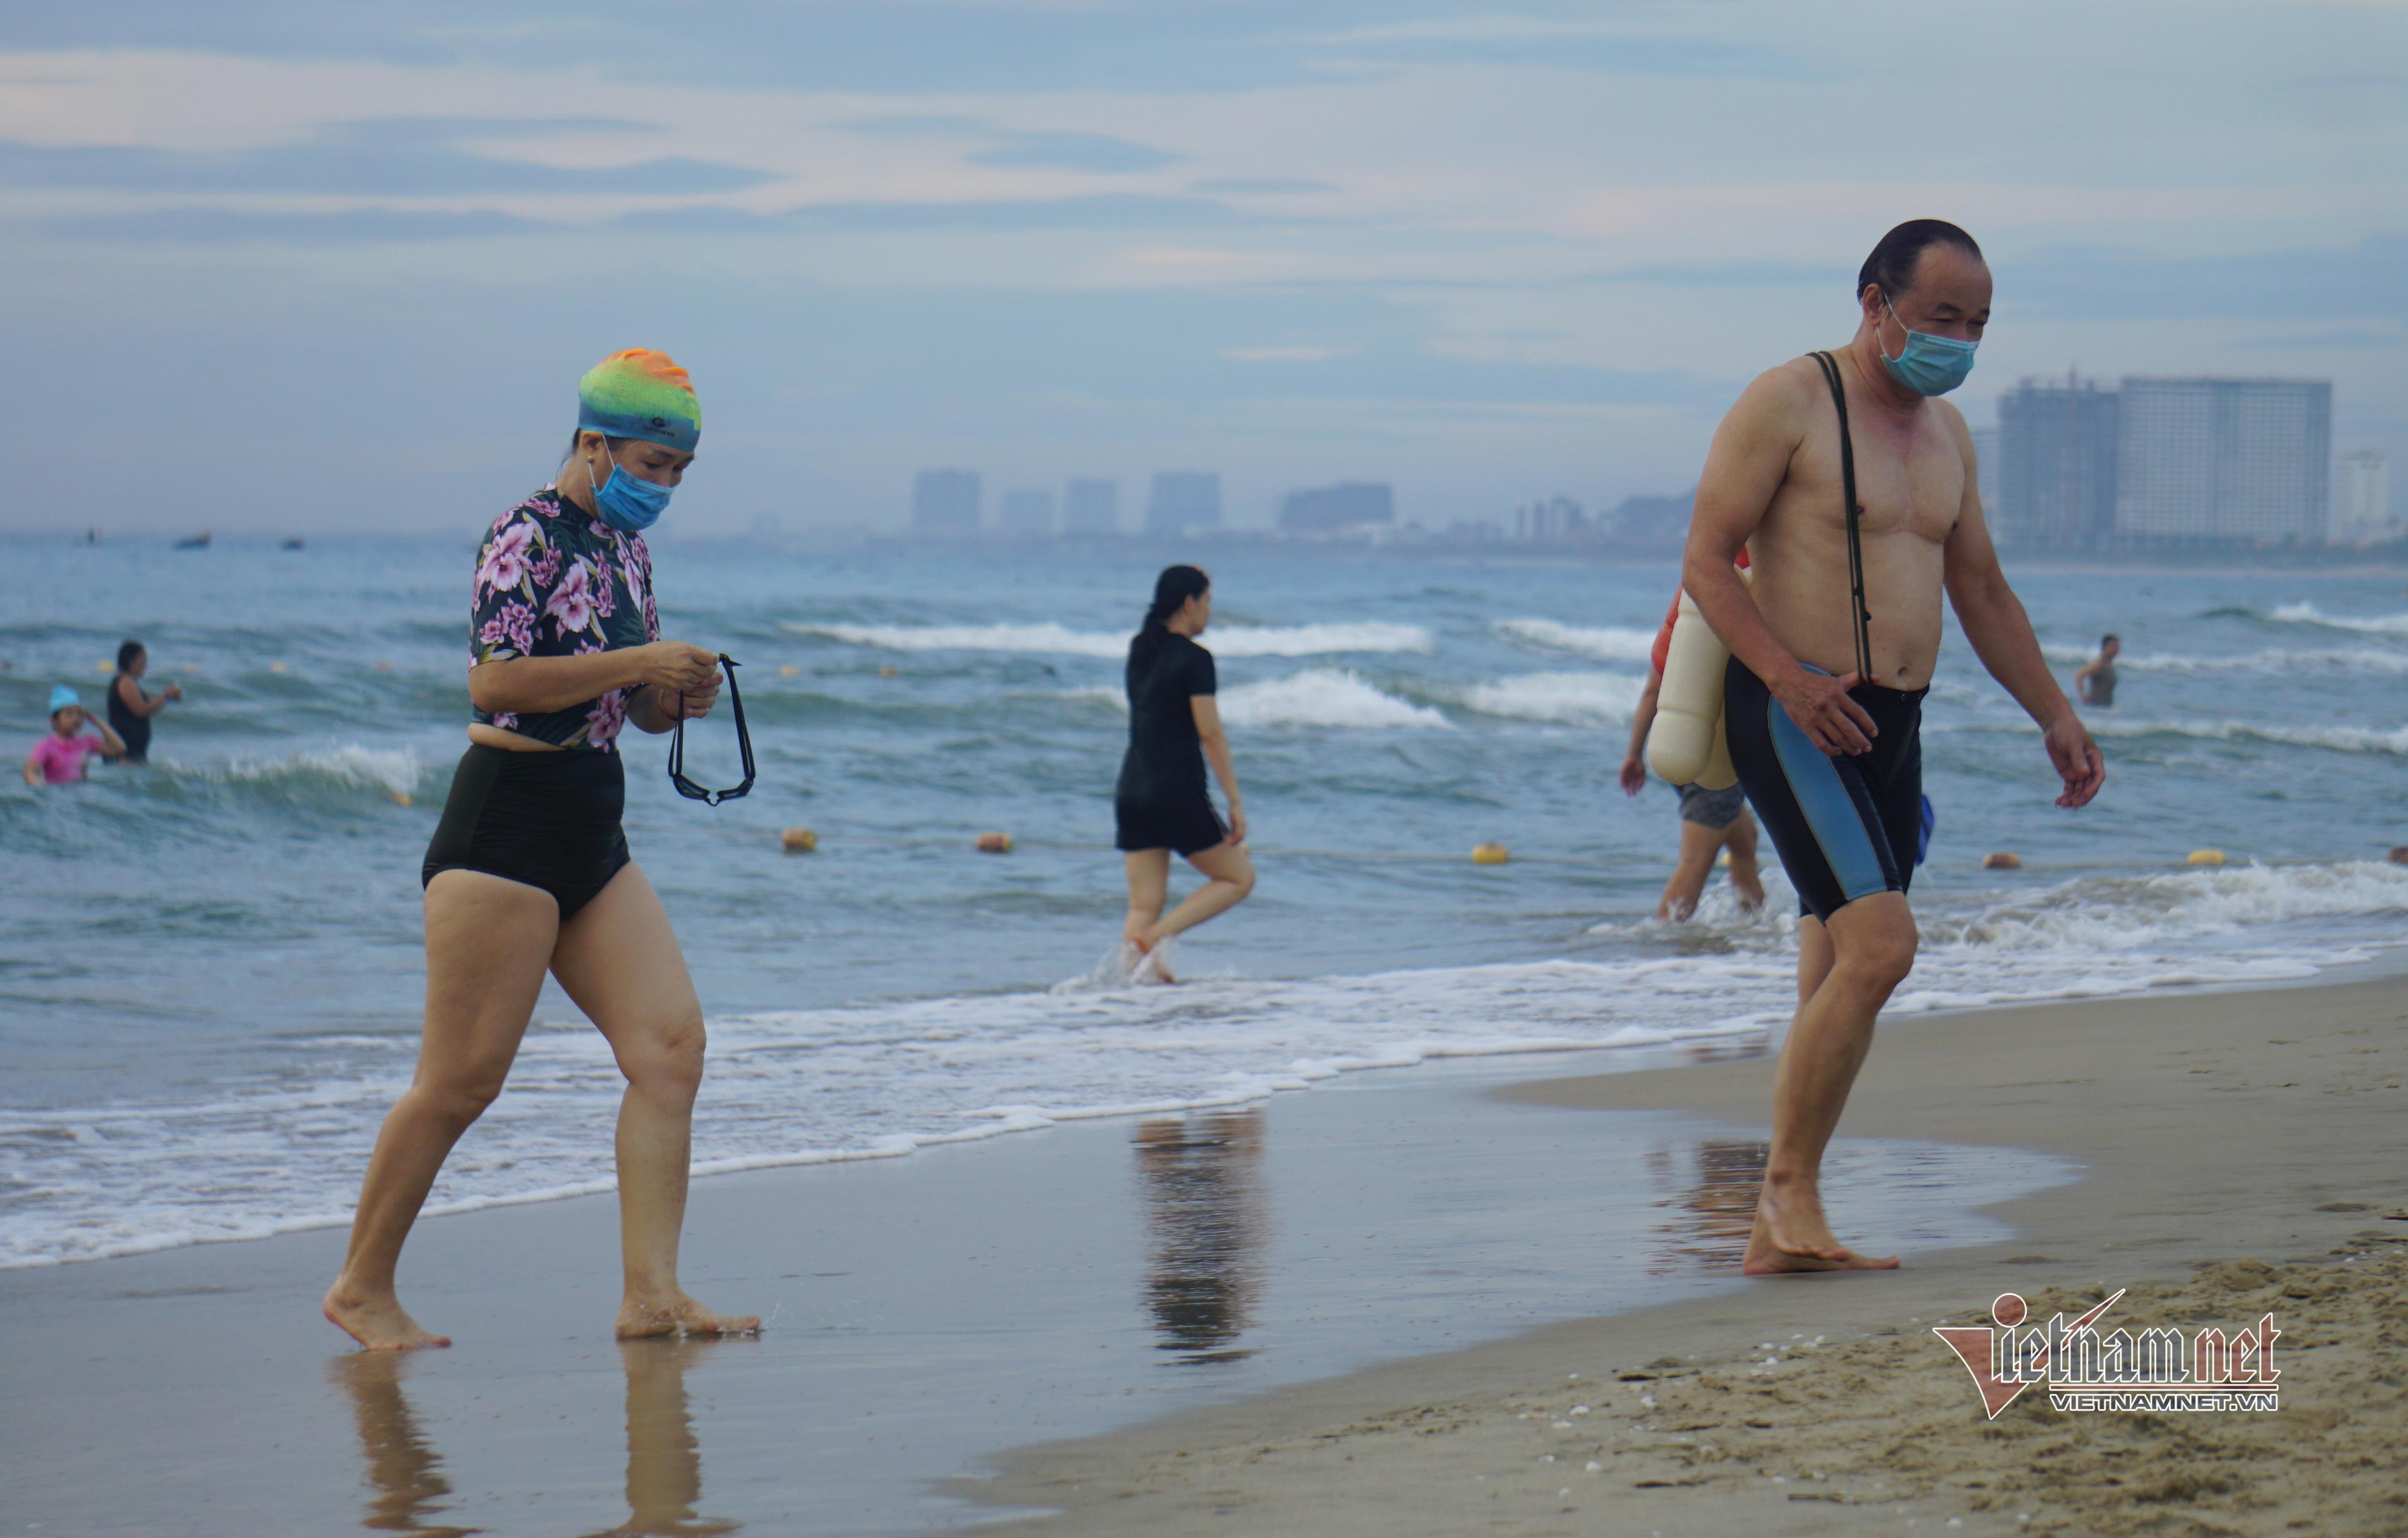 Bỏ lệnh cấm, người Đà Nẵng vui mừng đi tắm biển từ sáng sớm